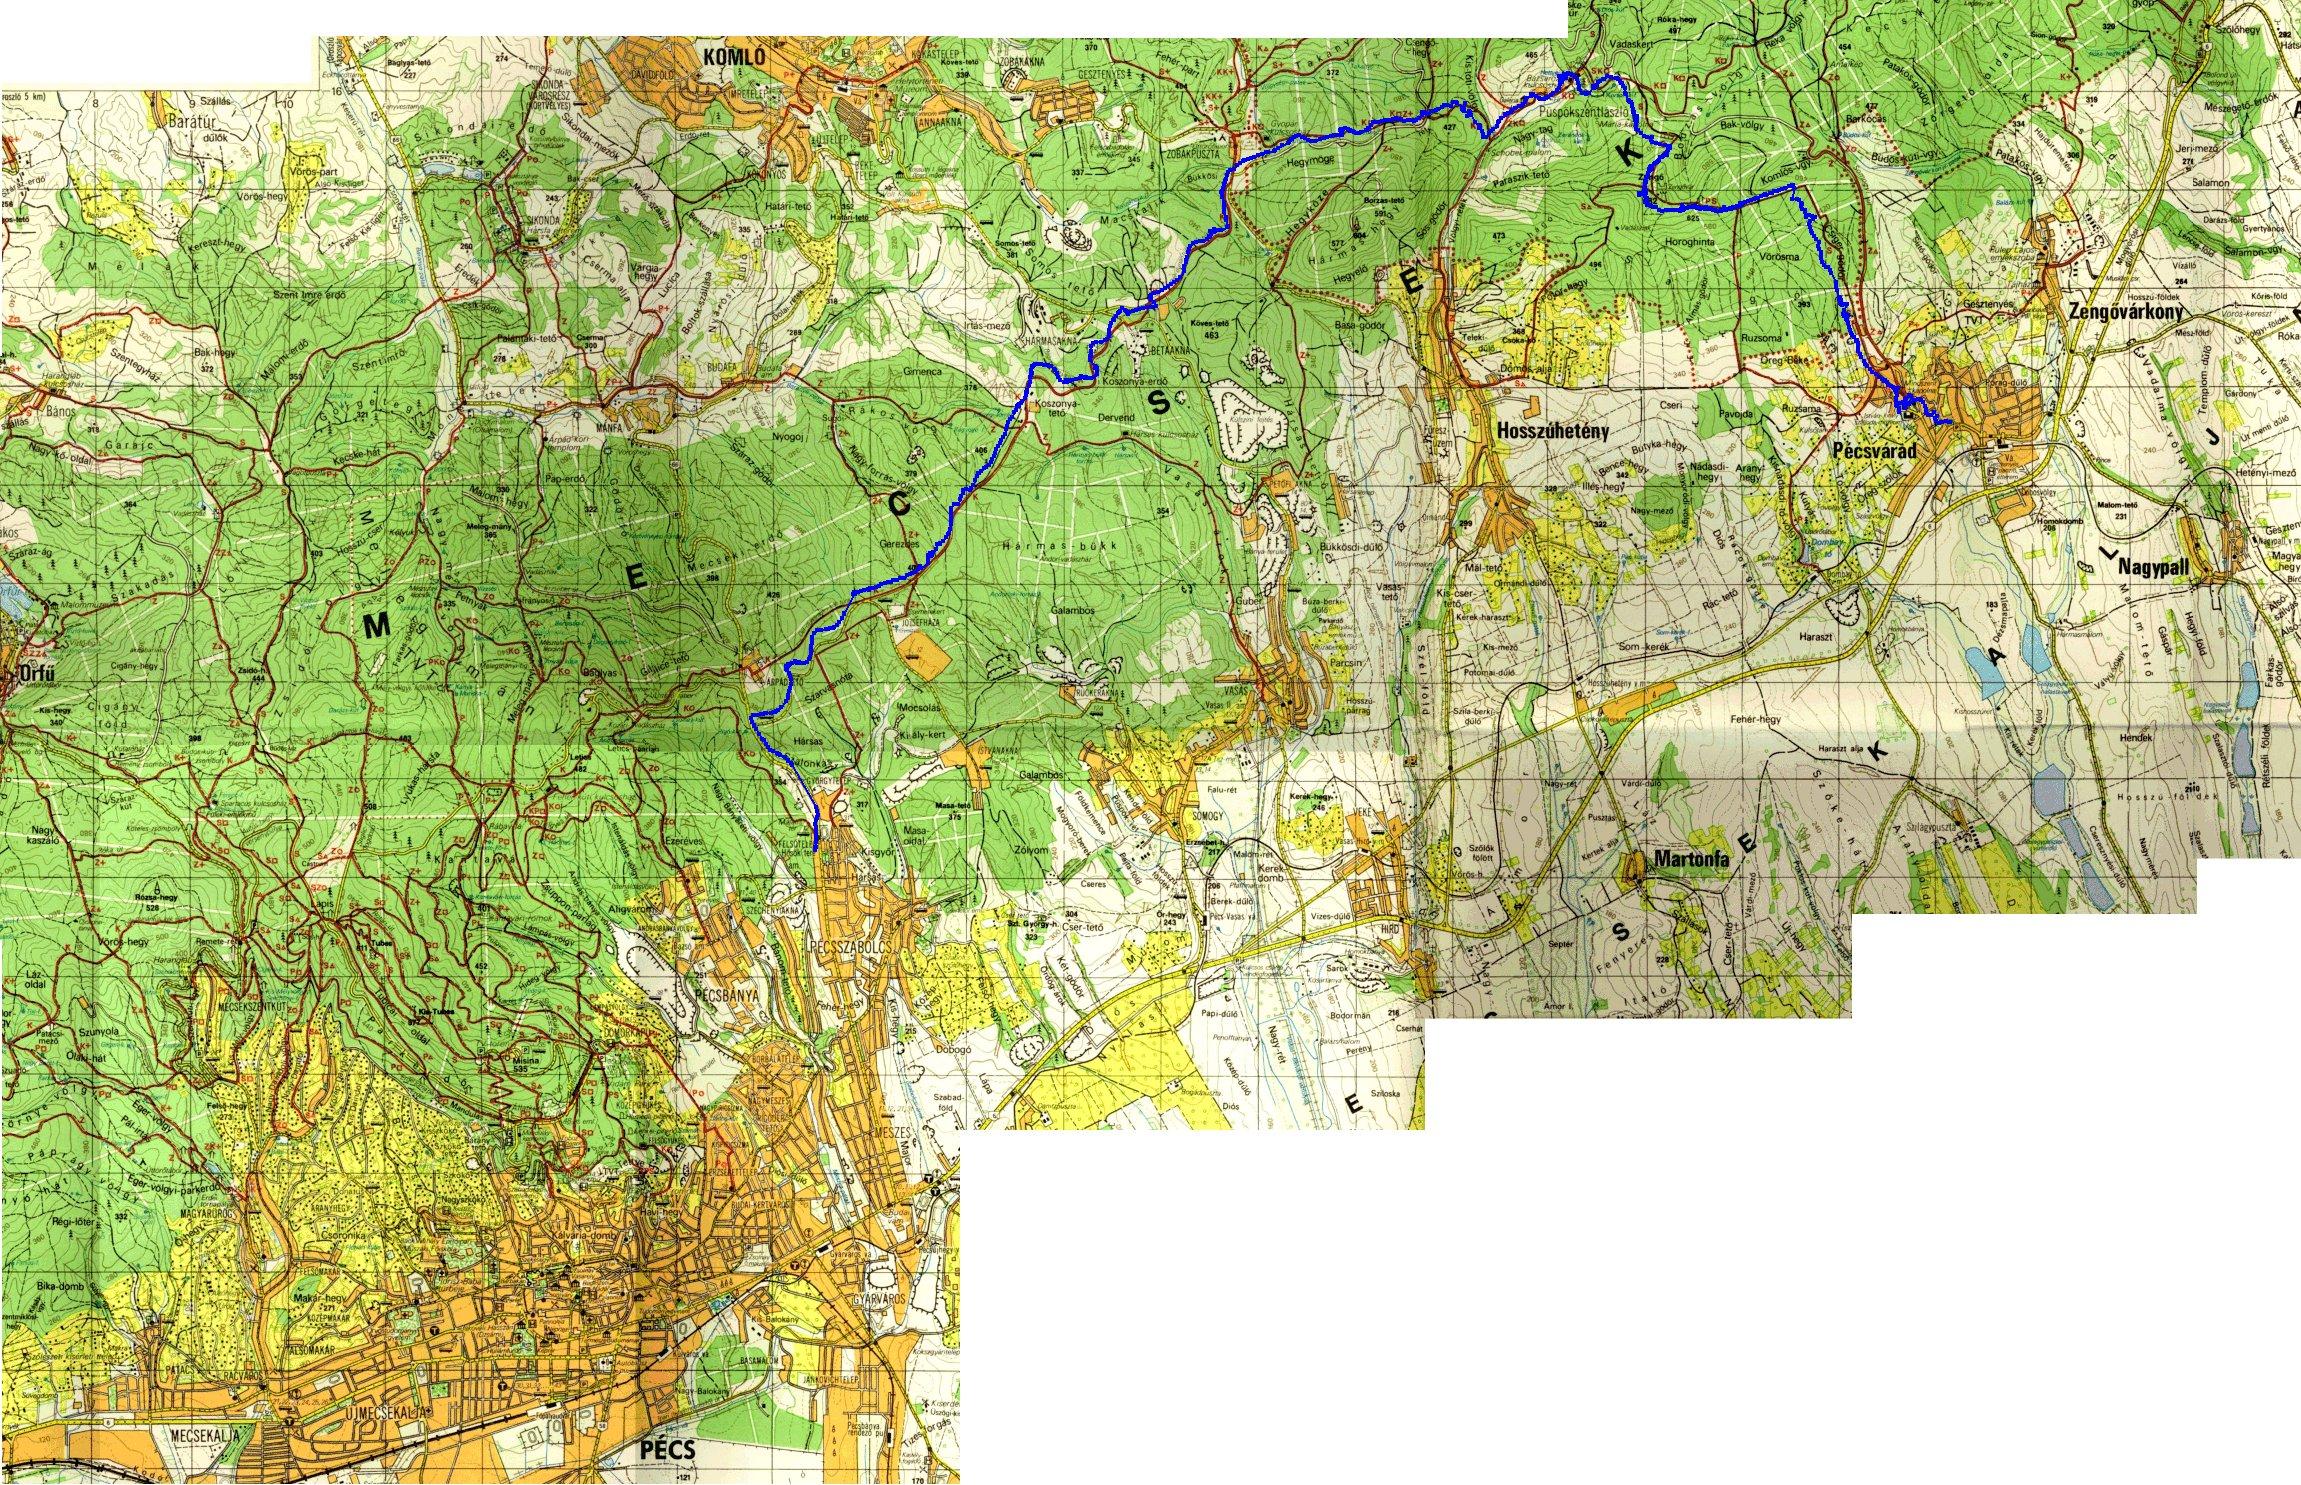 online domborzati térkép Online térképek: Magyarország domborzati térkép 2., Mecsek online domborzati térkép